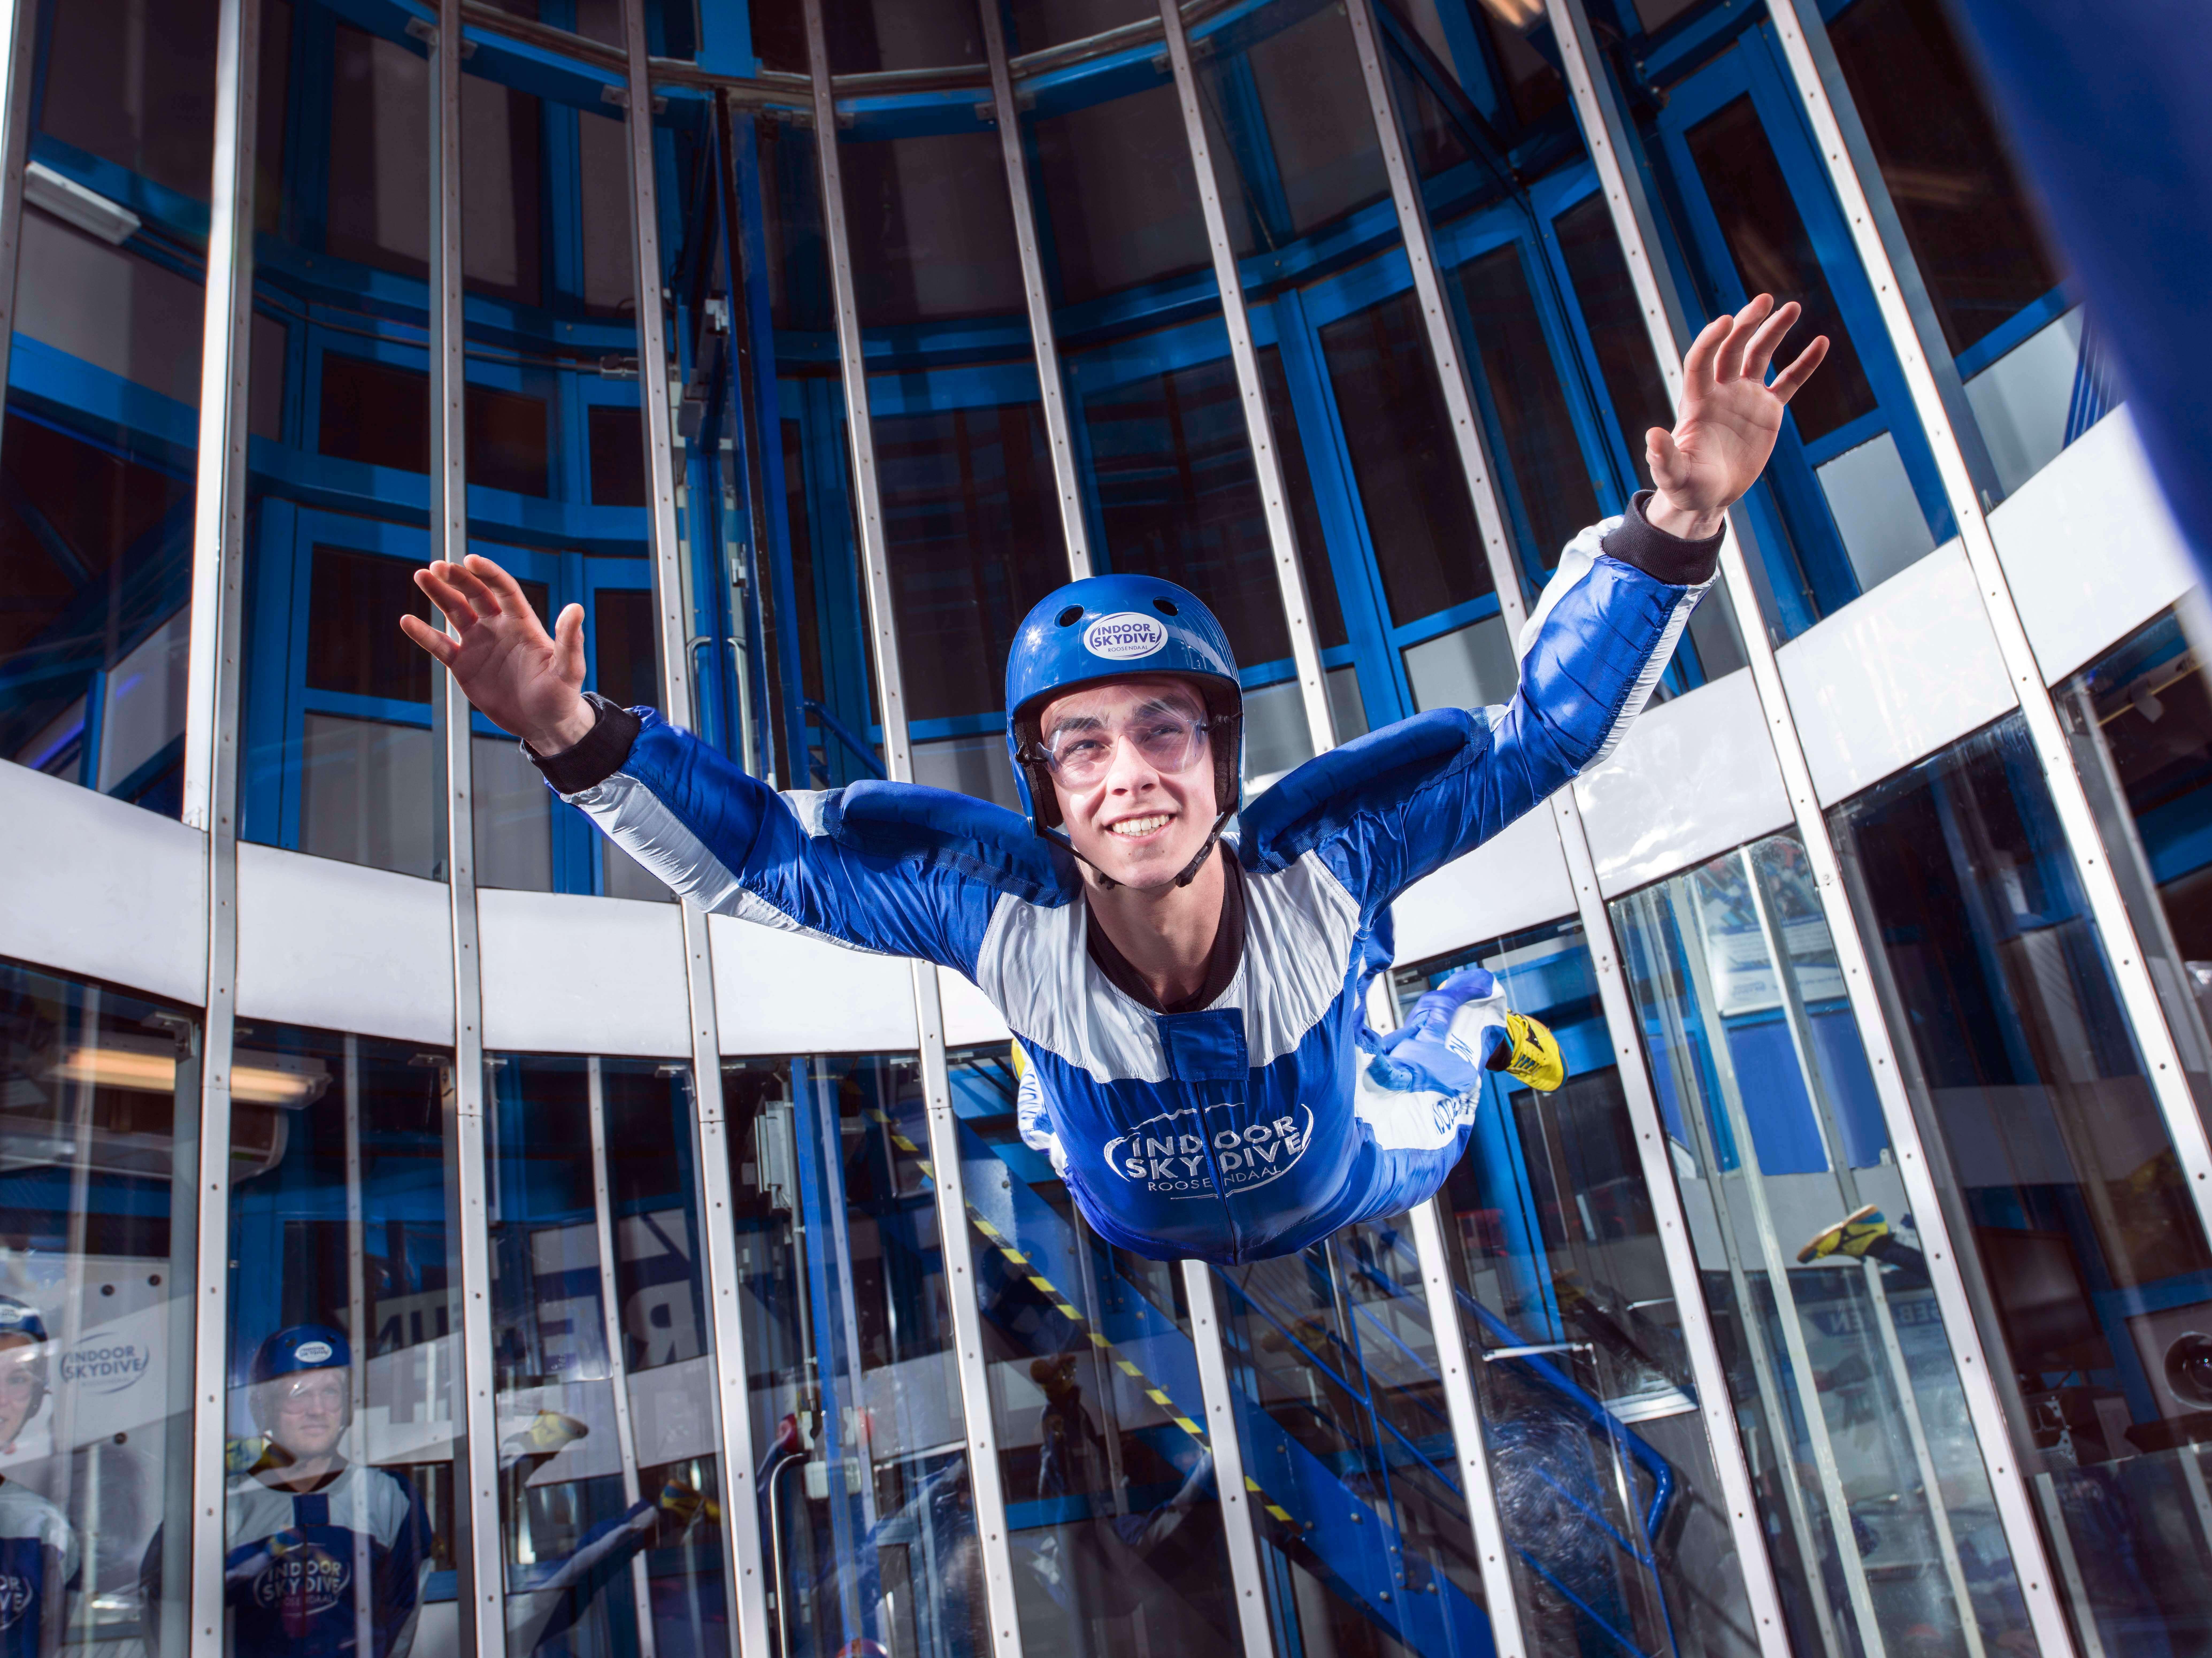 Speciale familiedag bij Indoor Skydive Roosendaal